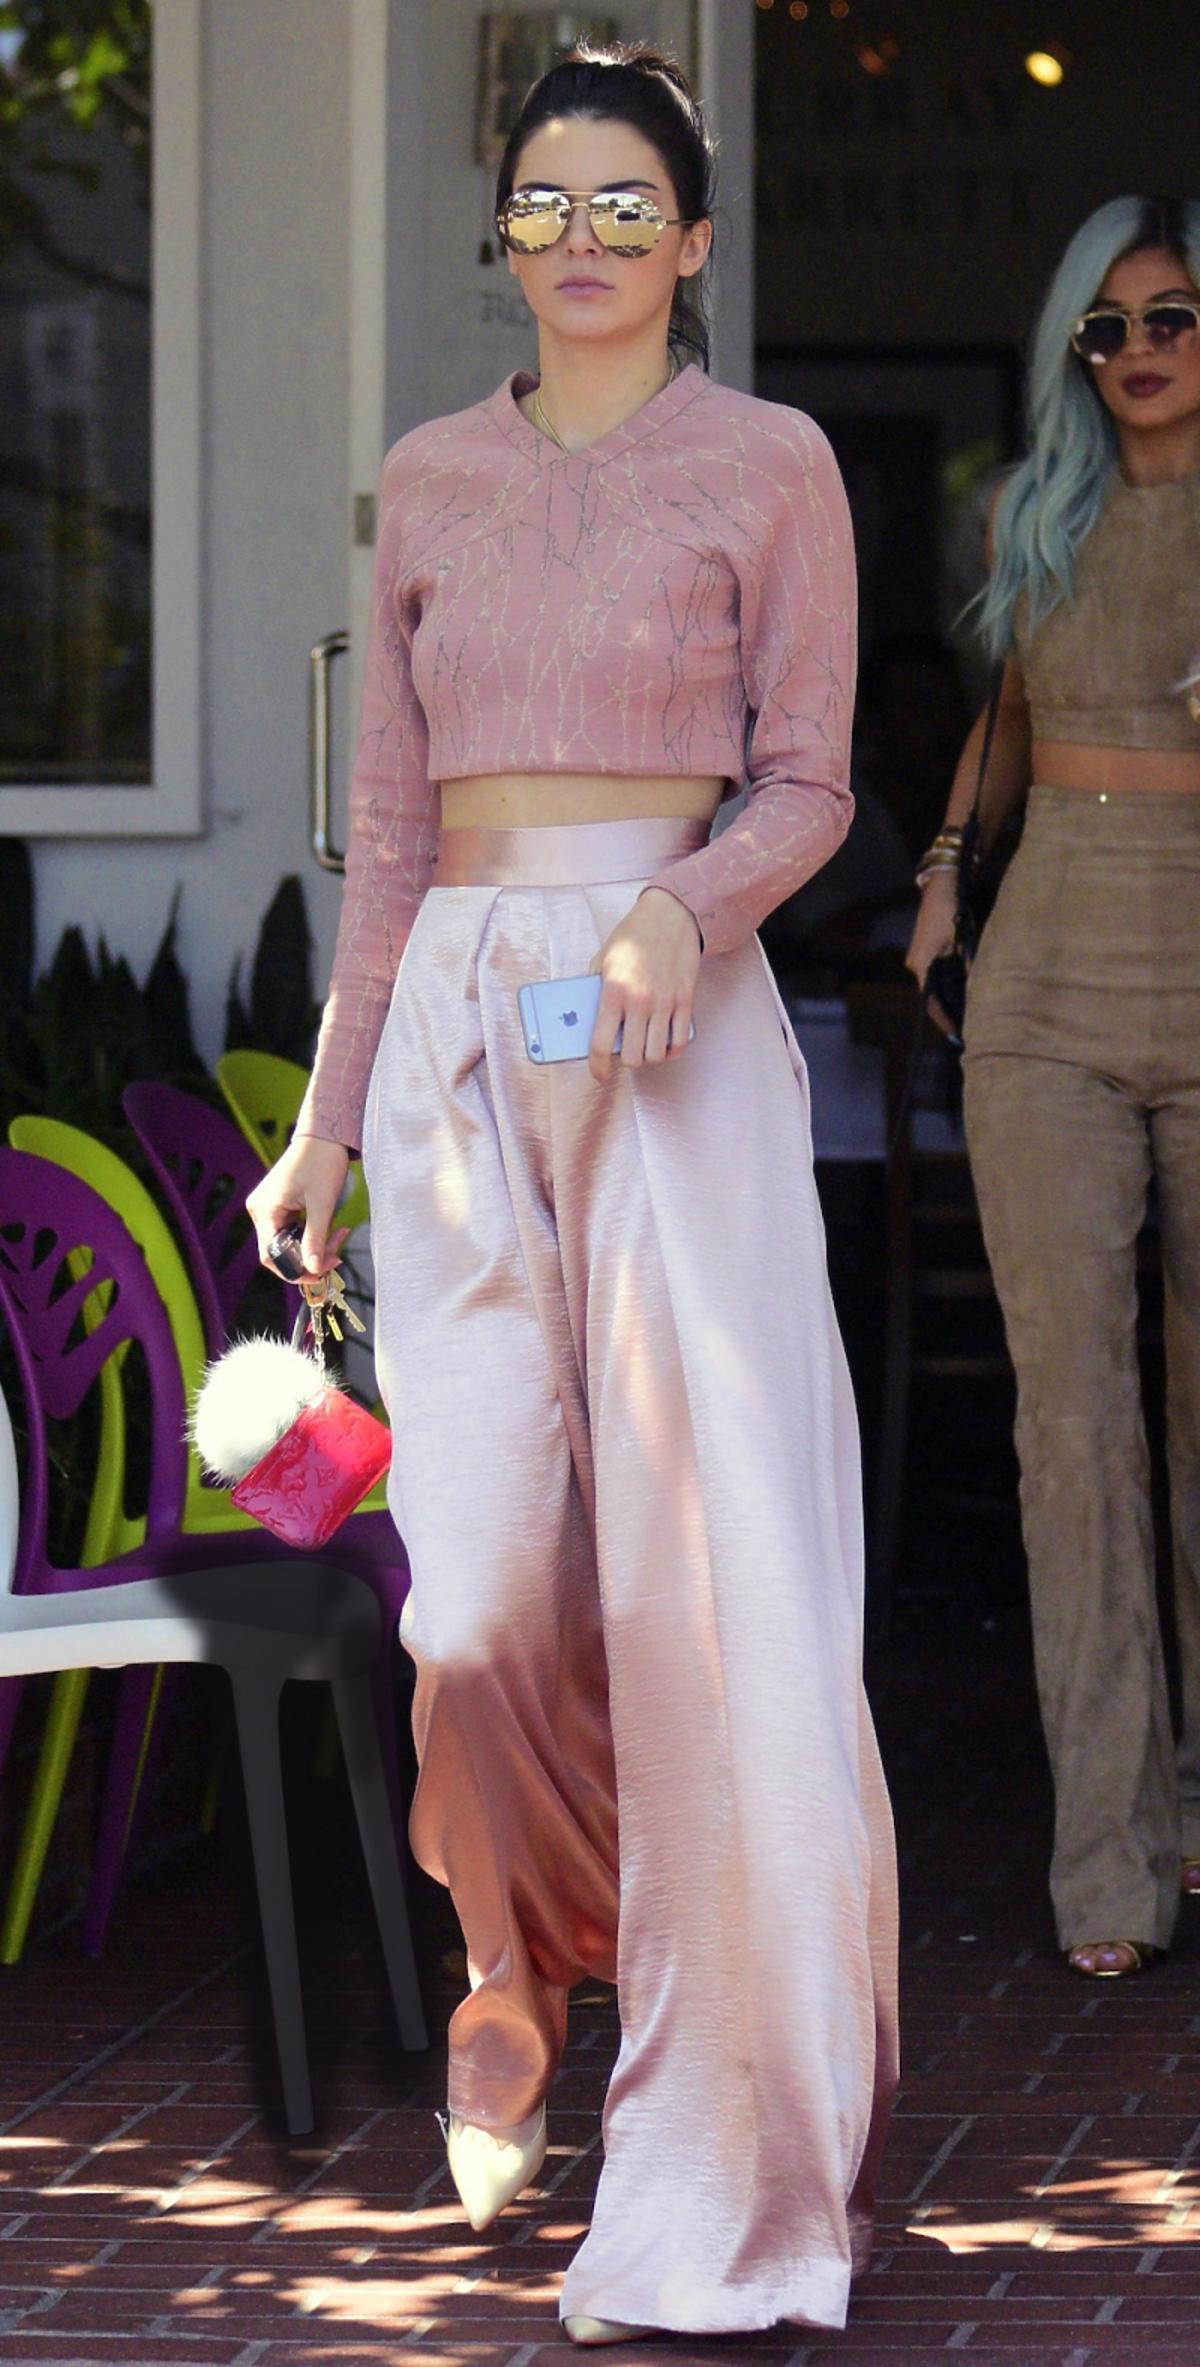 Kendall Jenner w różowych szerokich spodniach, crop-bluzce, okularach lustrzankach